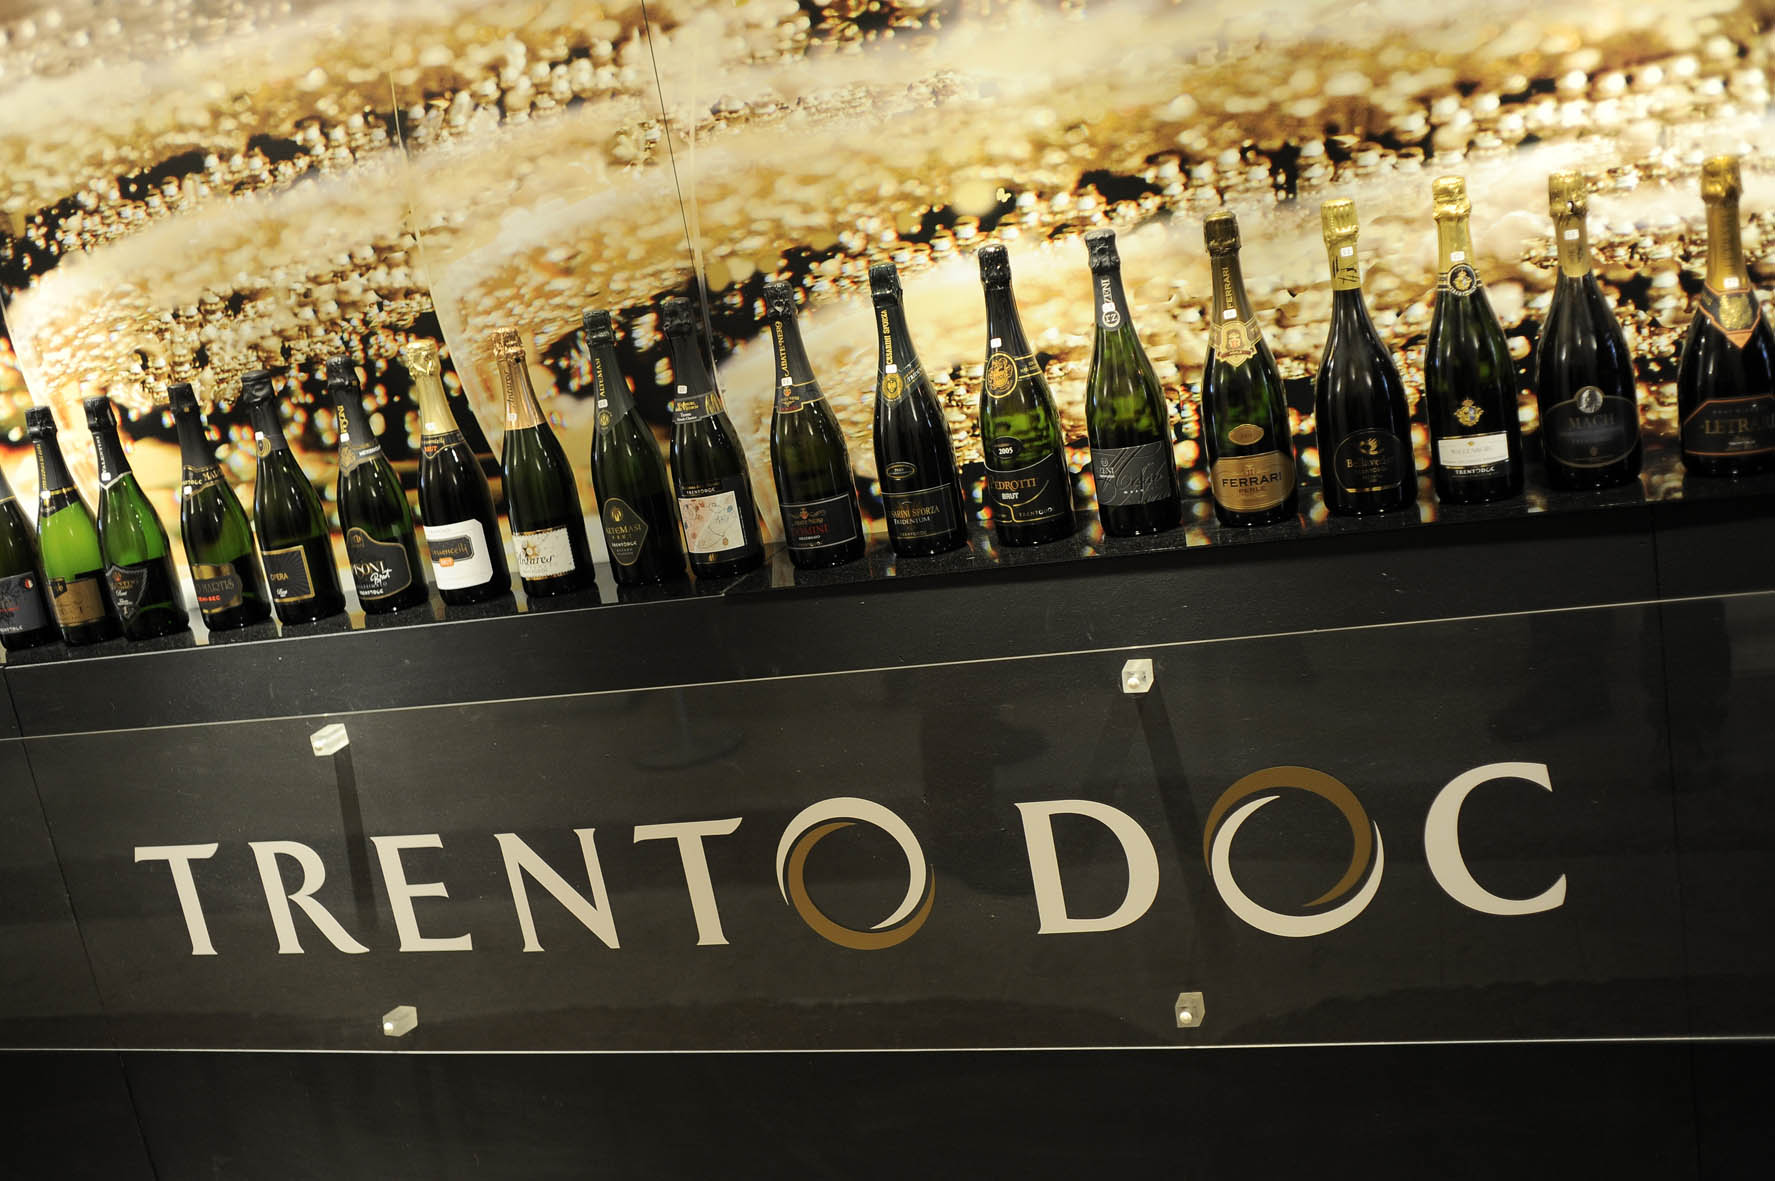 Bottiglie di spumante con etichetta Trento Doc - Archivio CCIAA TN © Romano MagroneDIG collezione TrentodocRCC